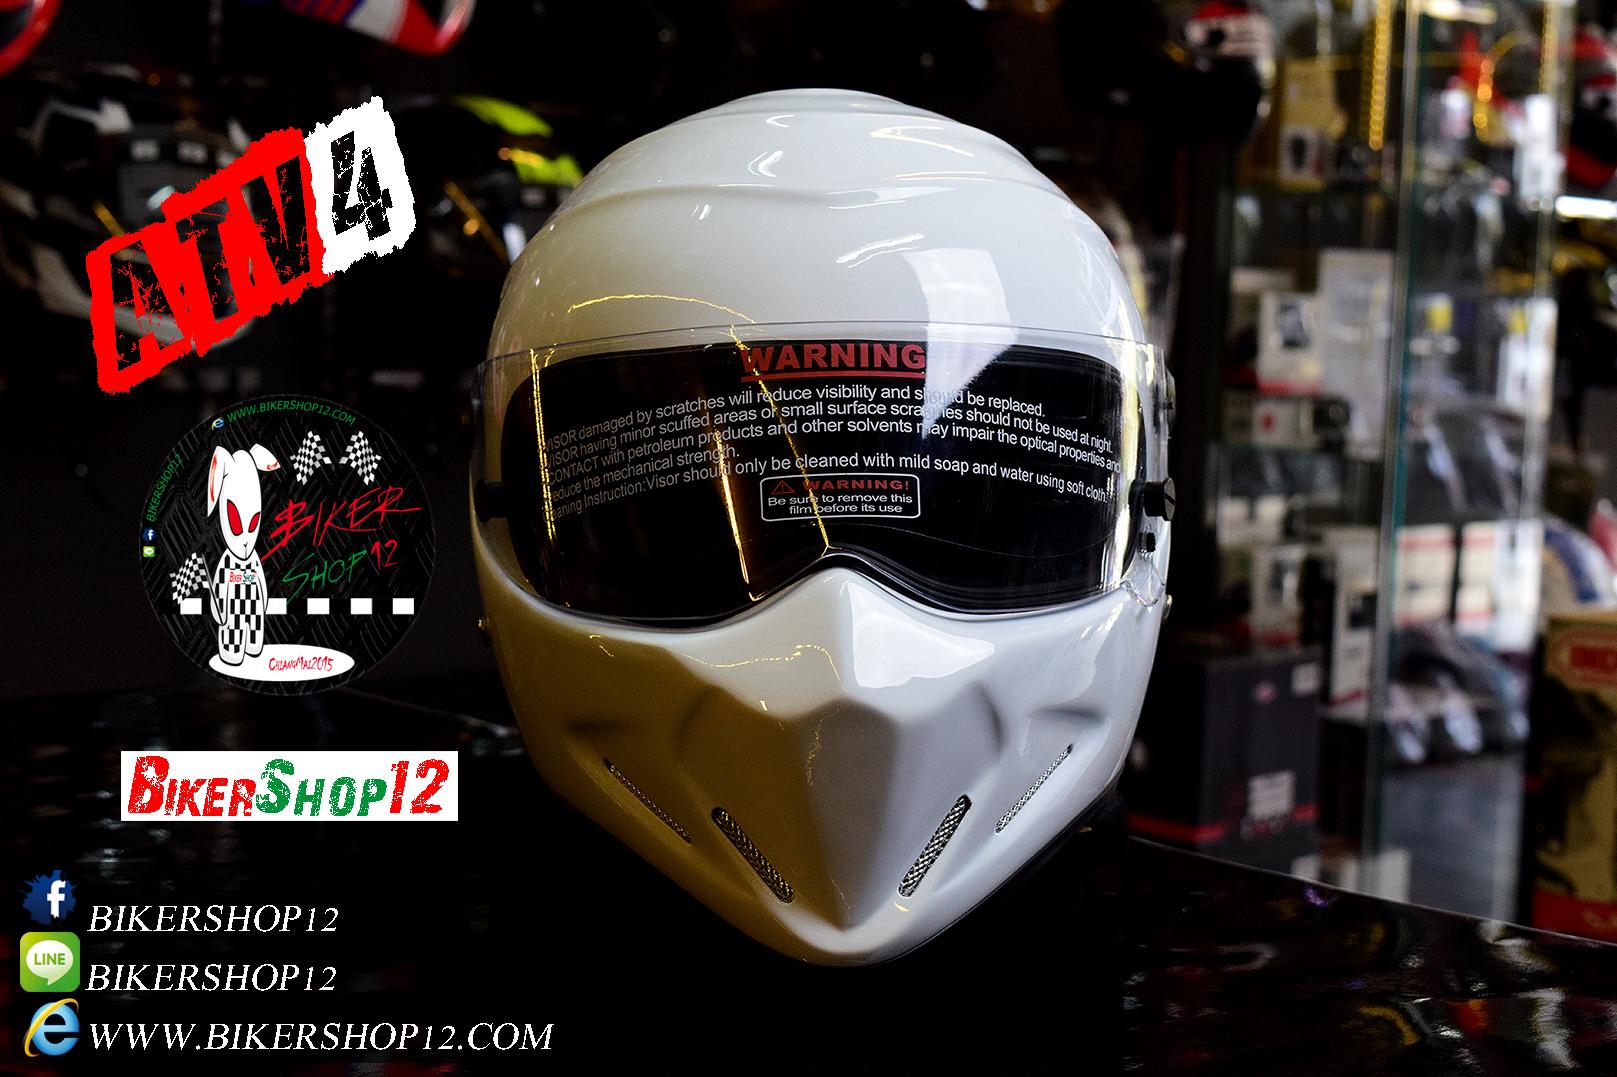 หมวกกันน็อคคลาสสิกCrg-Atv4 สีขาว